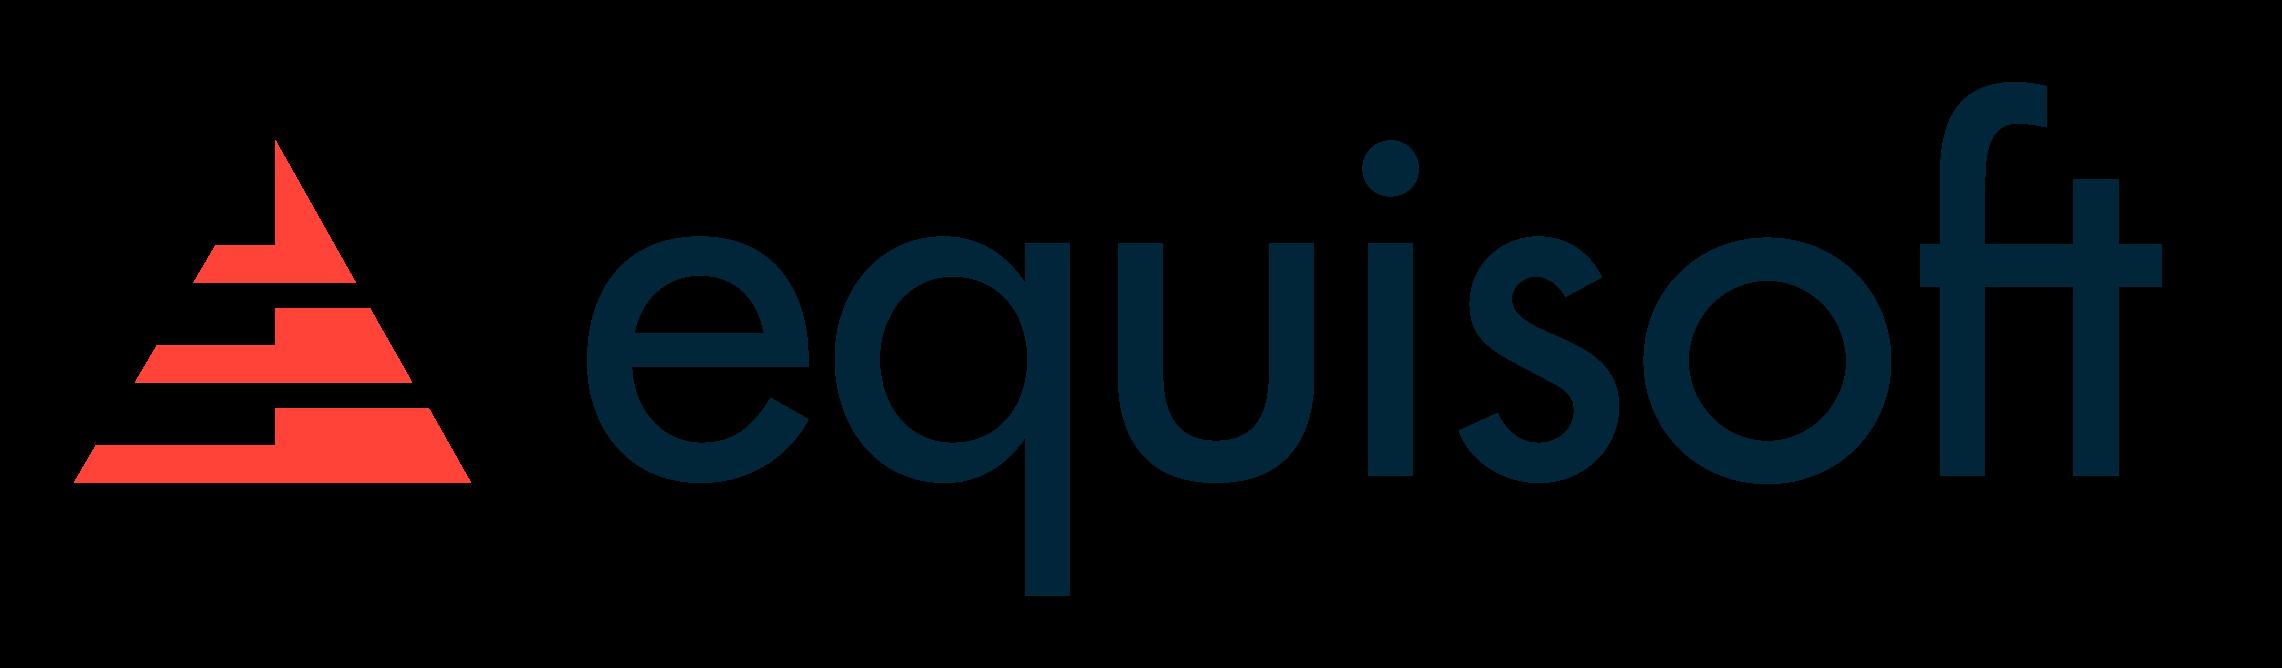 LOGO EQUISOFT-2017_RGB - nomargin